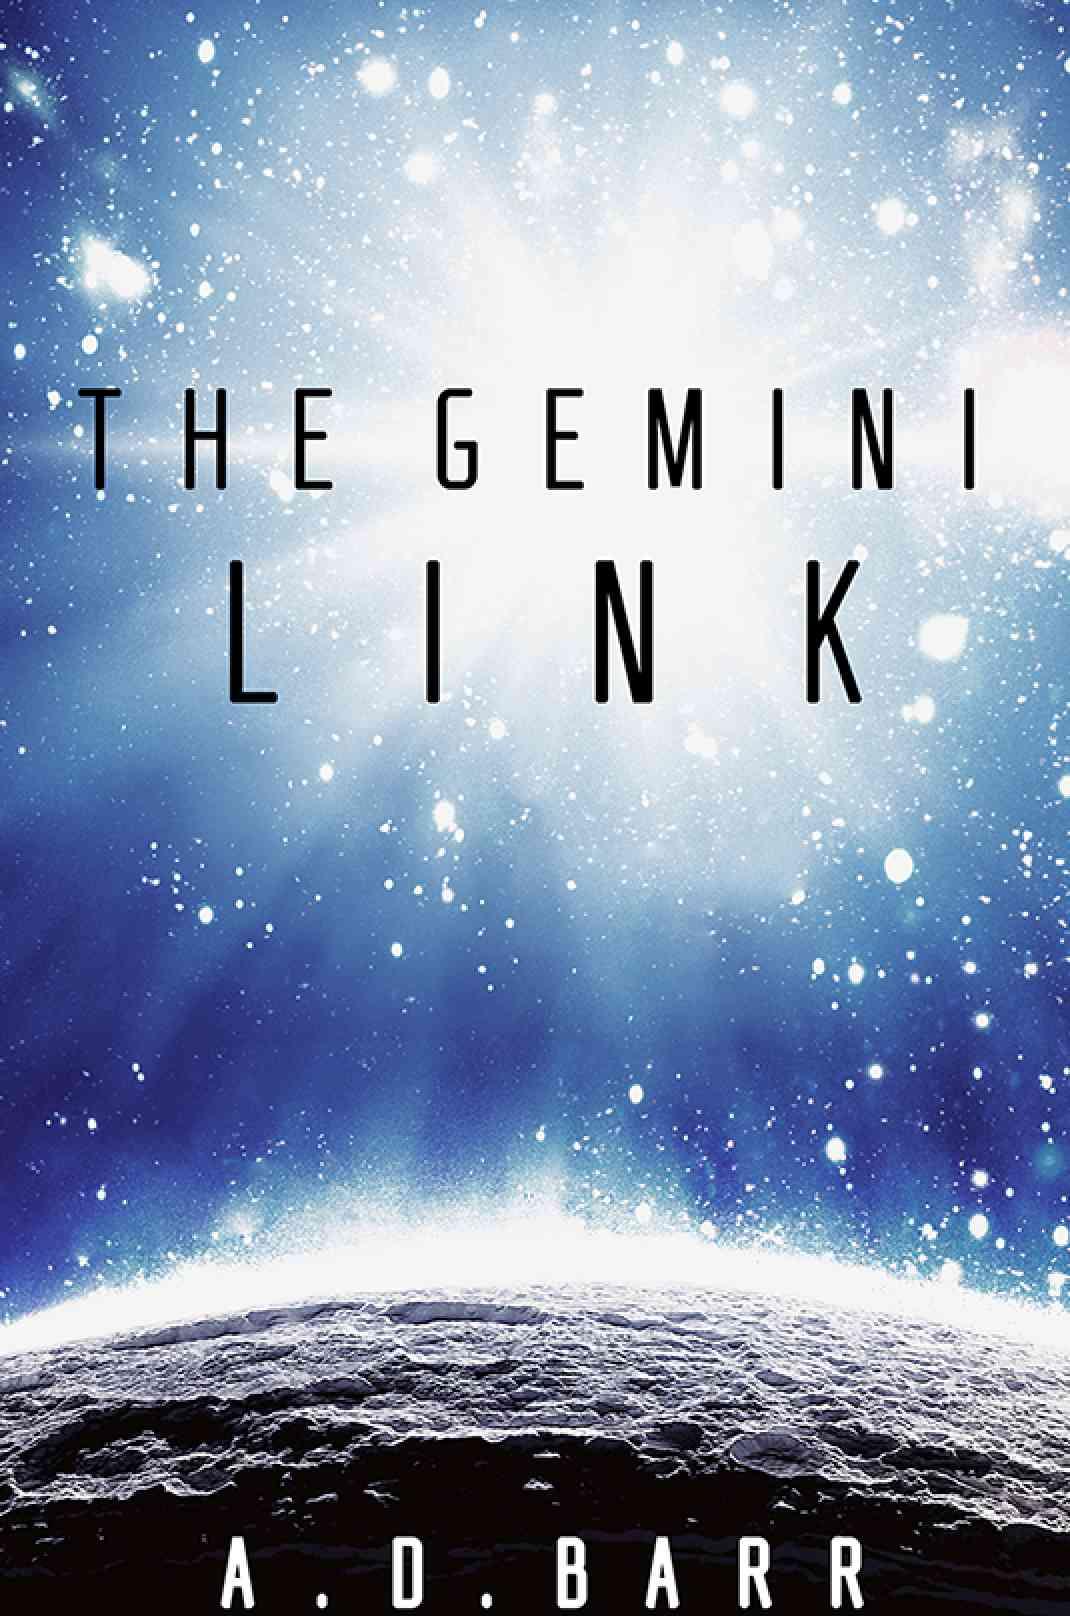 The Gemini Link